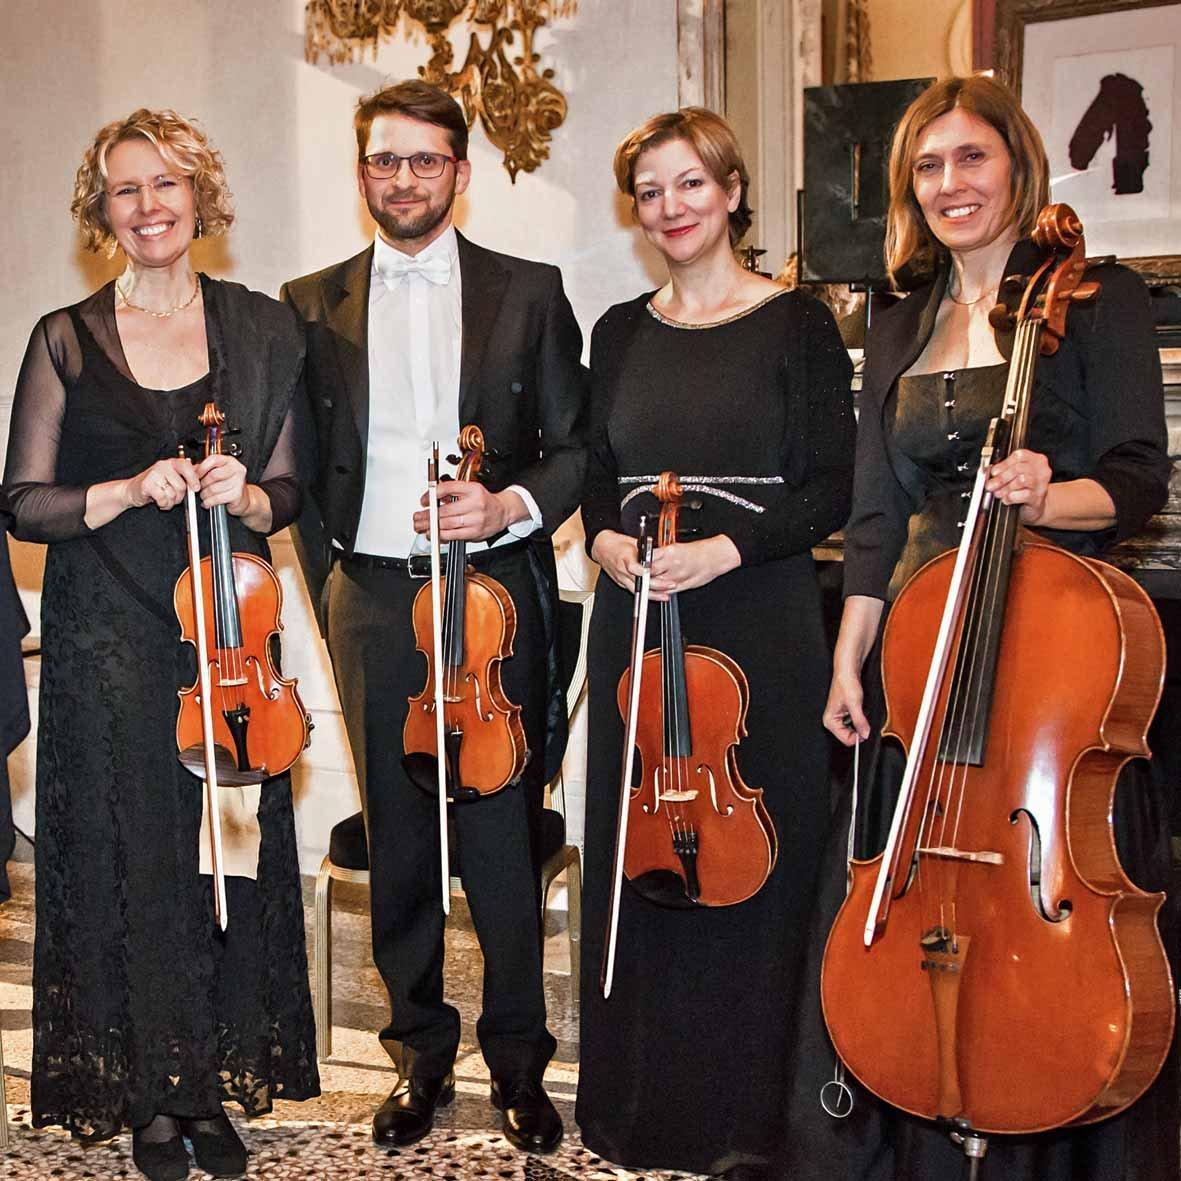 Mostra como classica musica classica per tutti como for Casa discografica musica classica